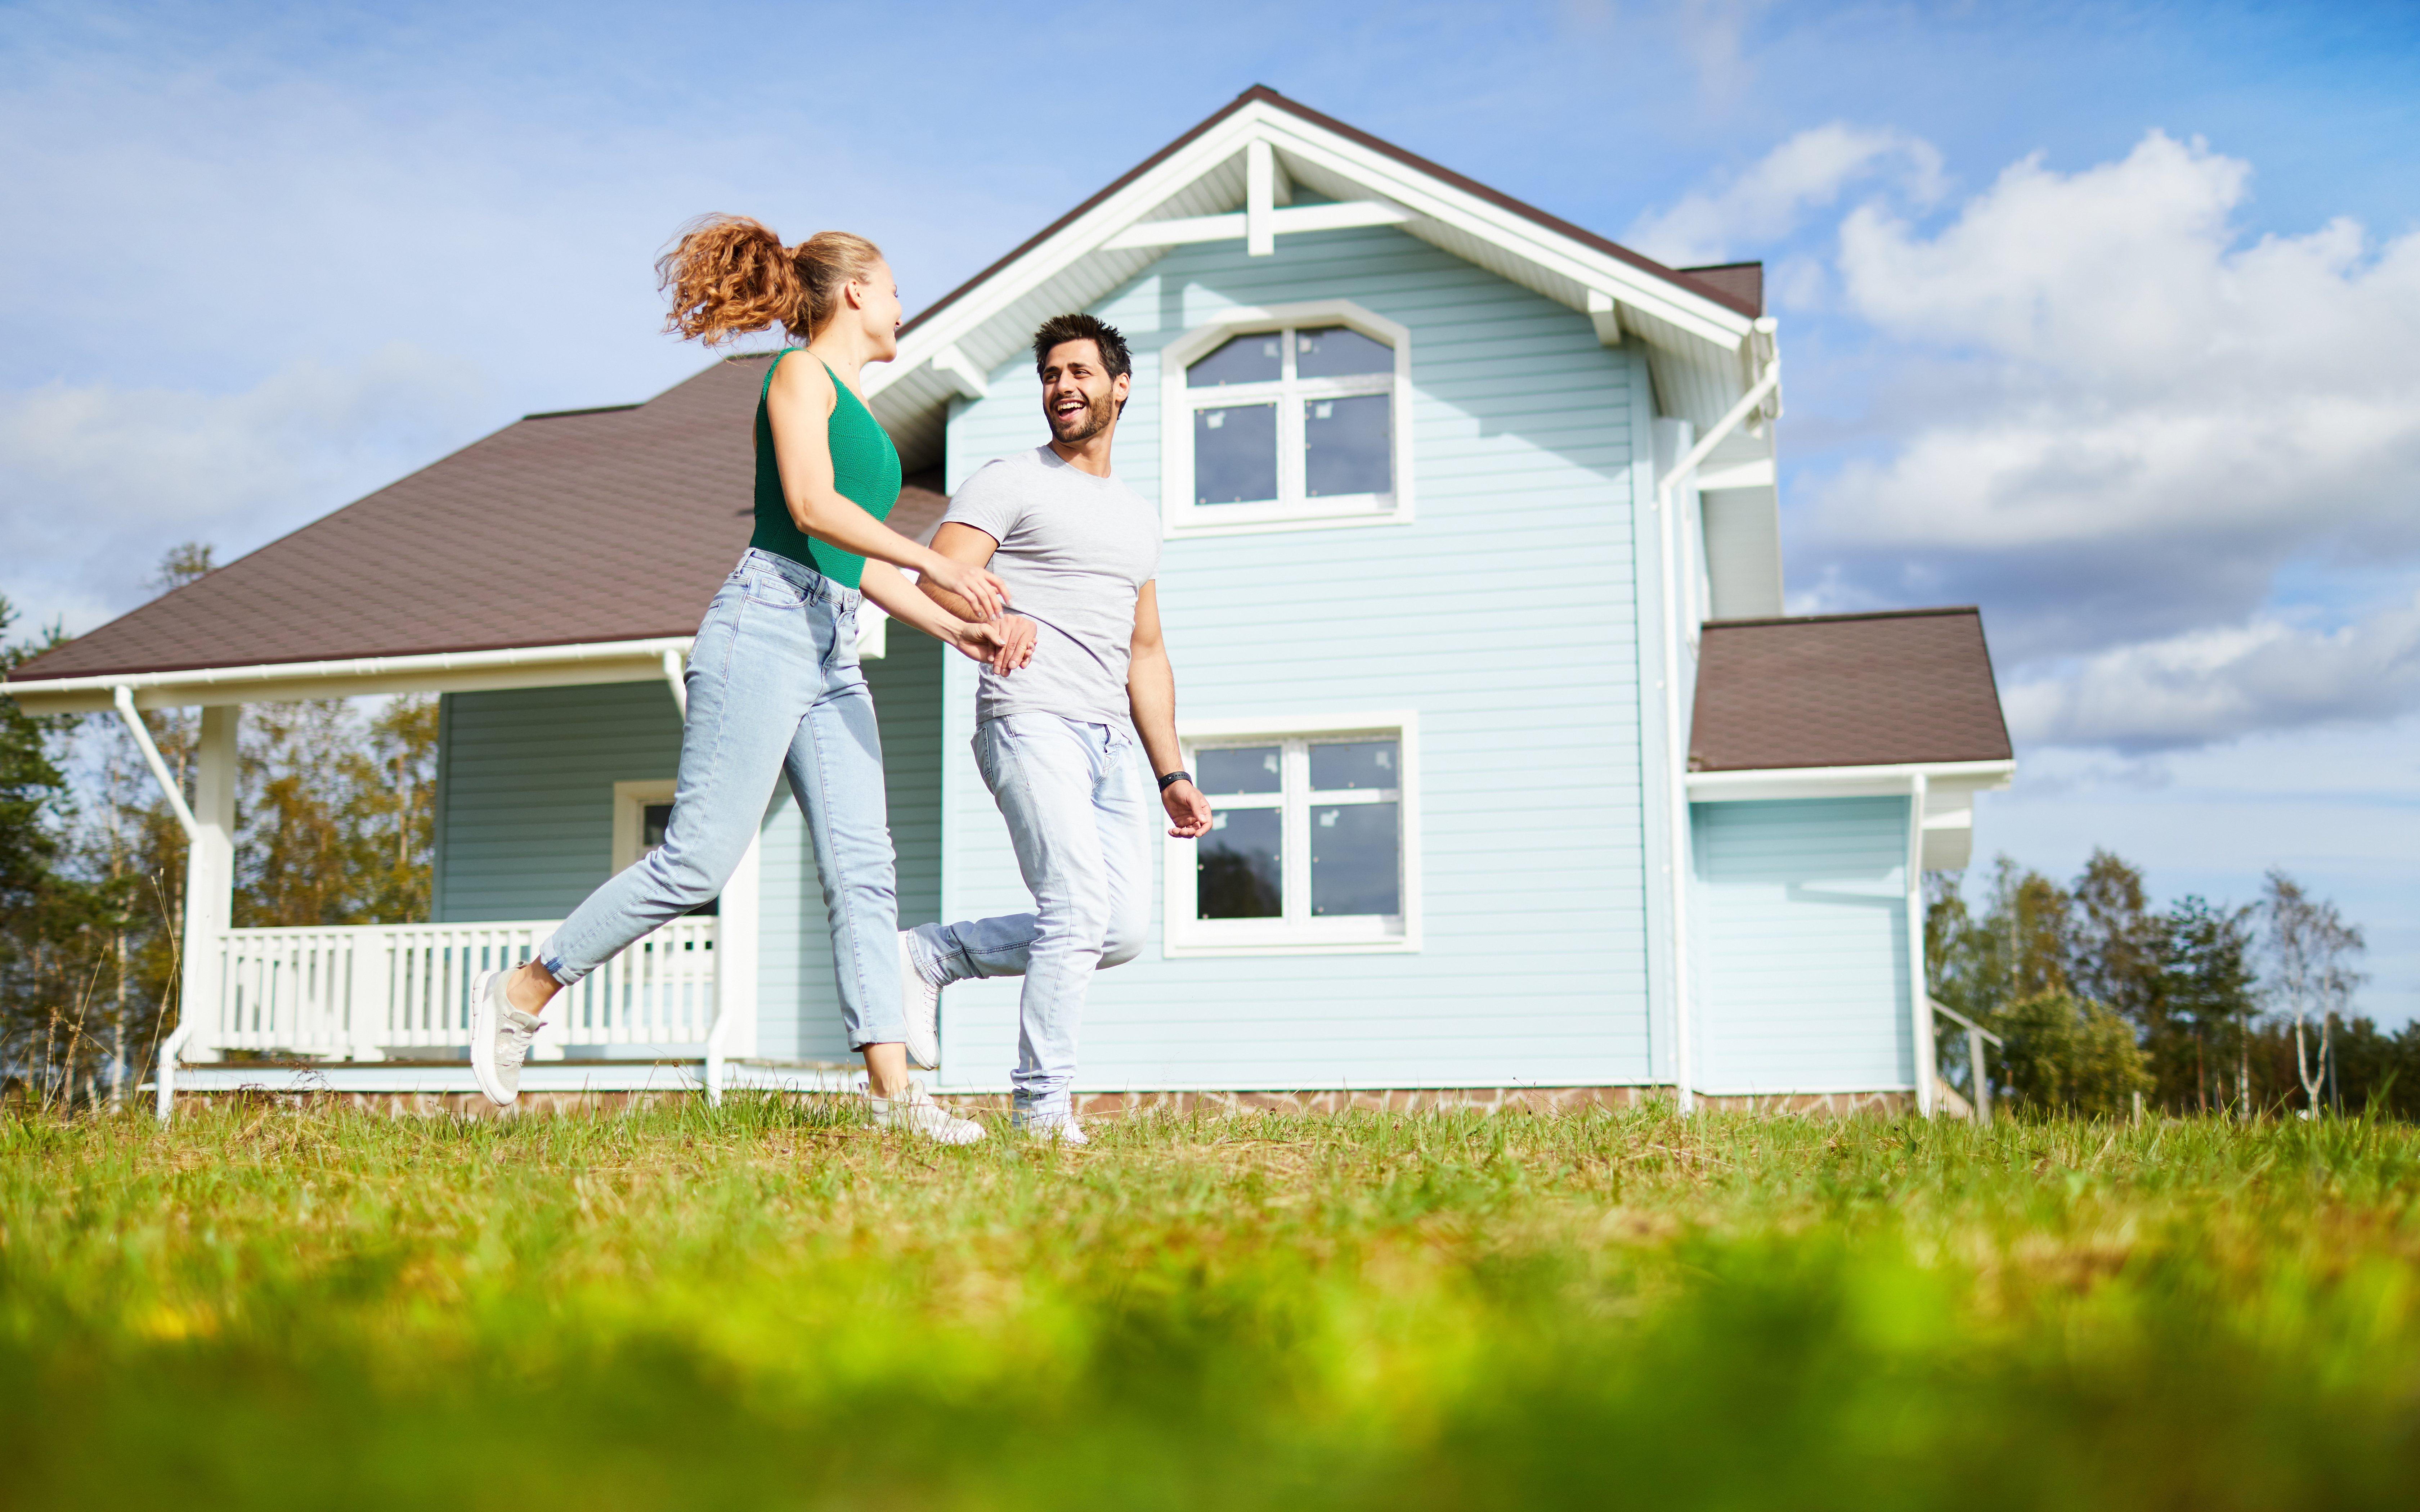 Страхование домов: ресо-гарантия, втб-страхование, ингосстрахе, где лучше покупать полис, преимущества в условиях компаний, правила покупки для жилья в деревнесвоё